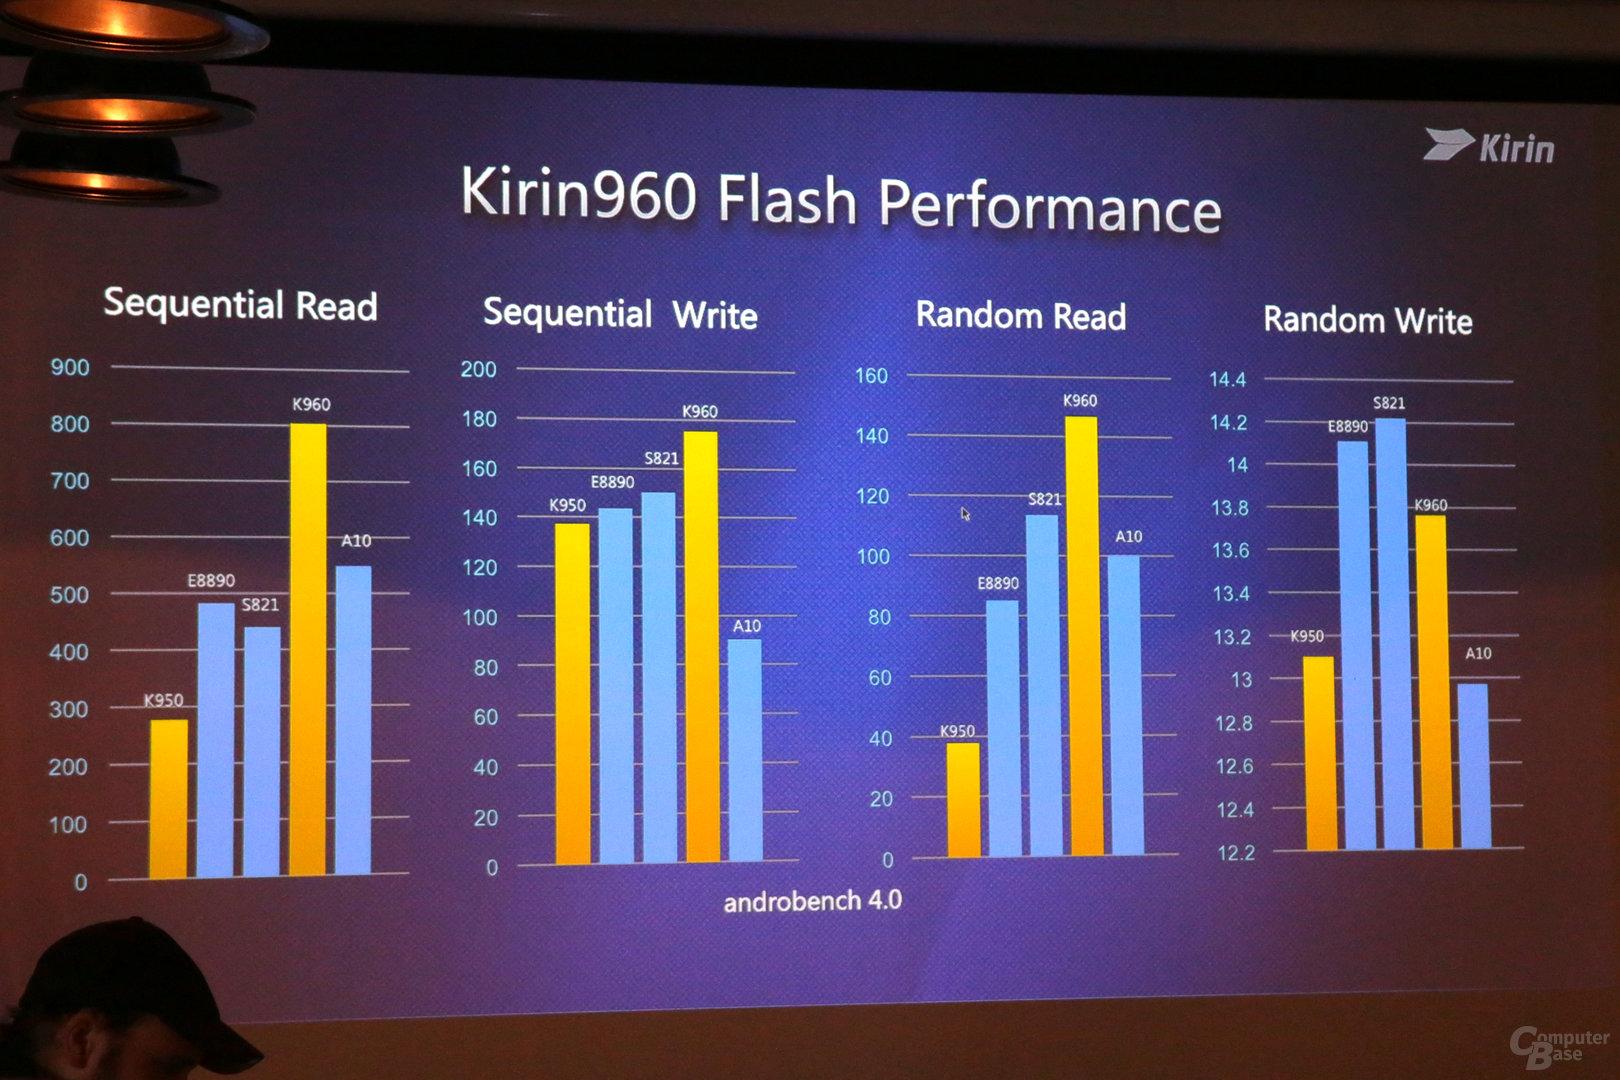 Flash-Leistung mit UFS 2.1